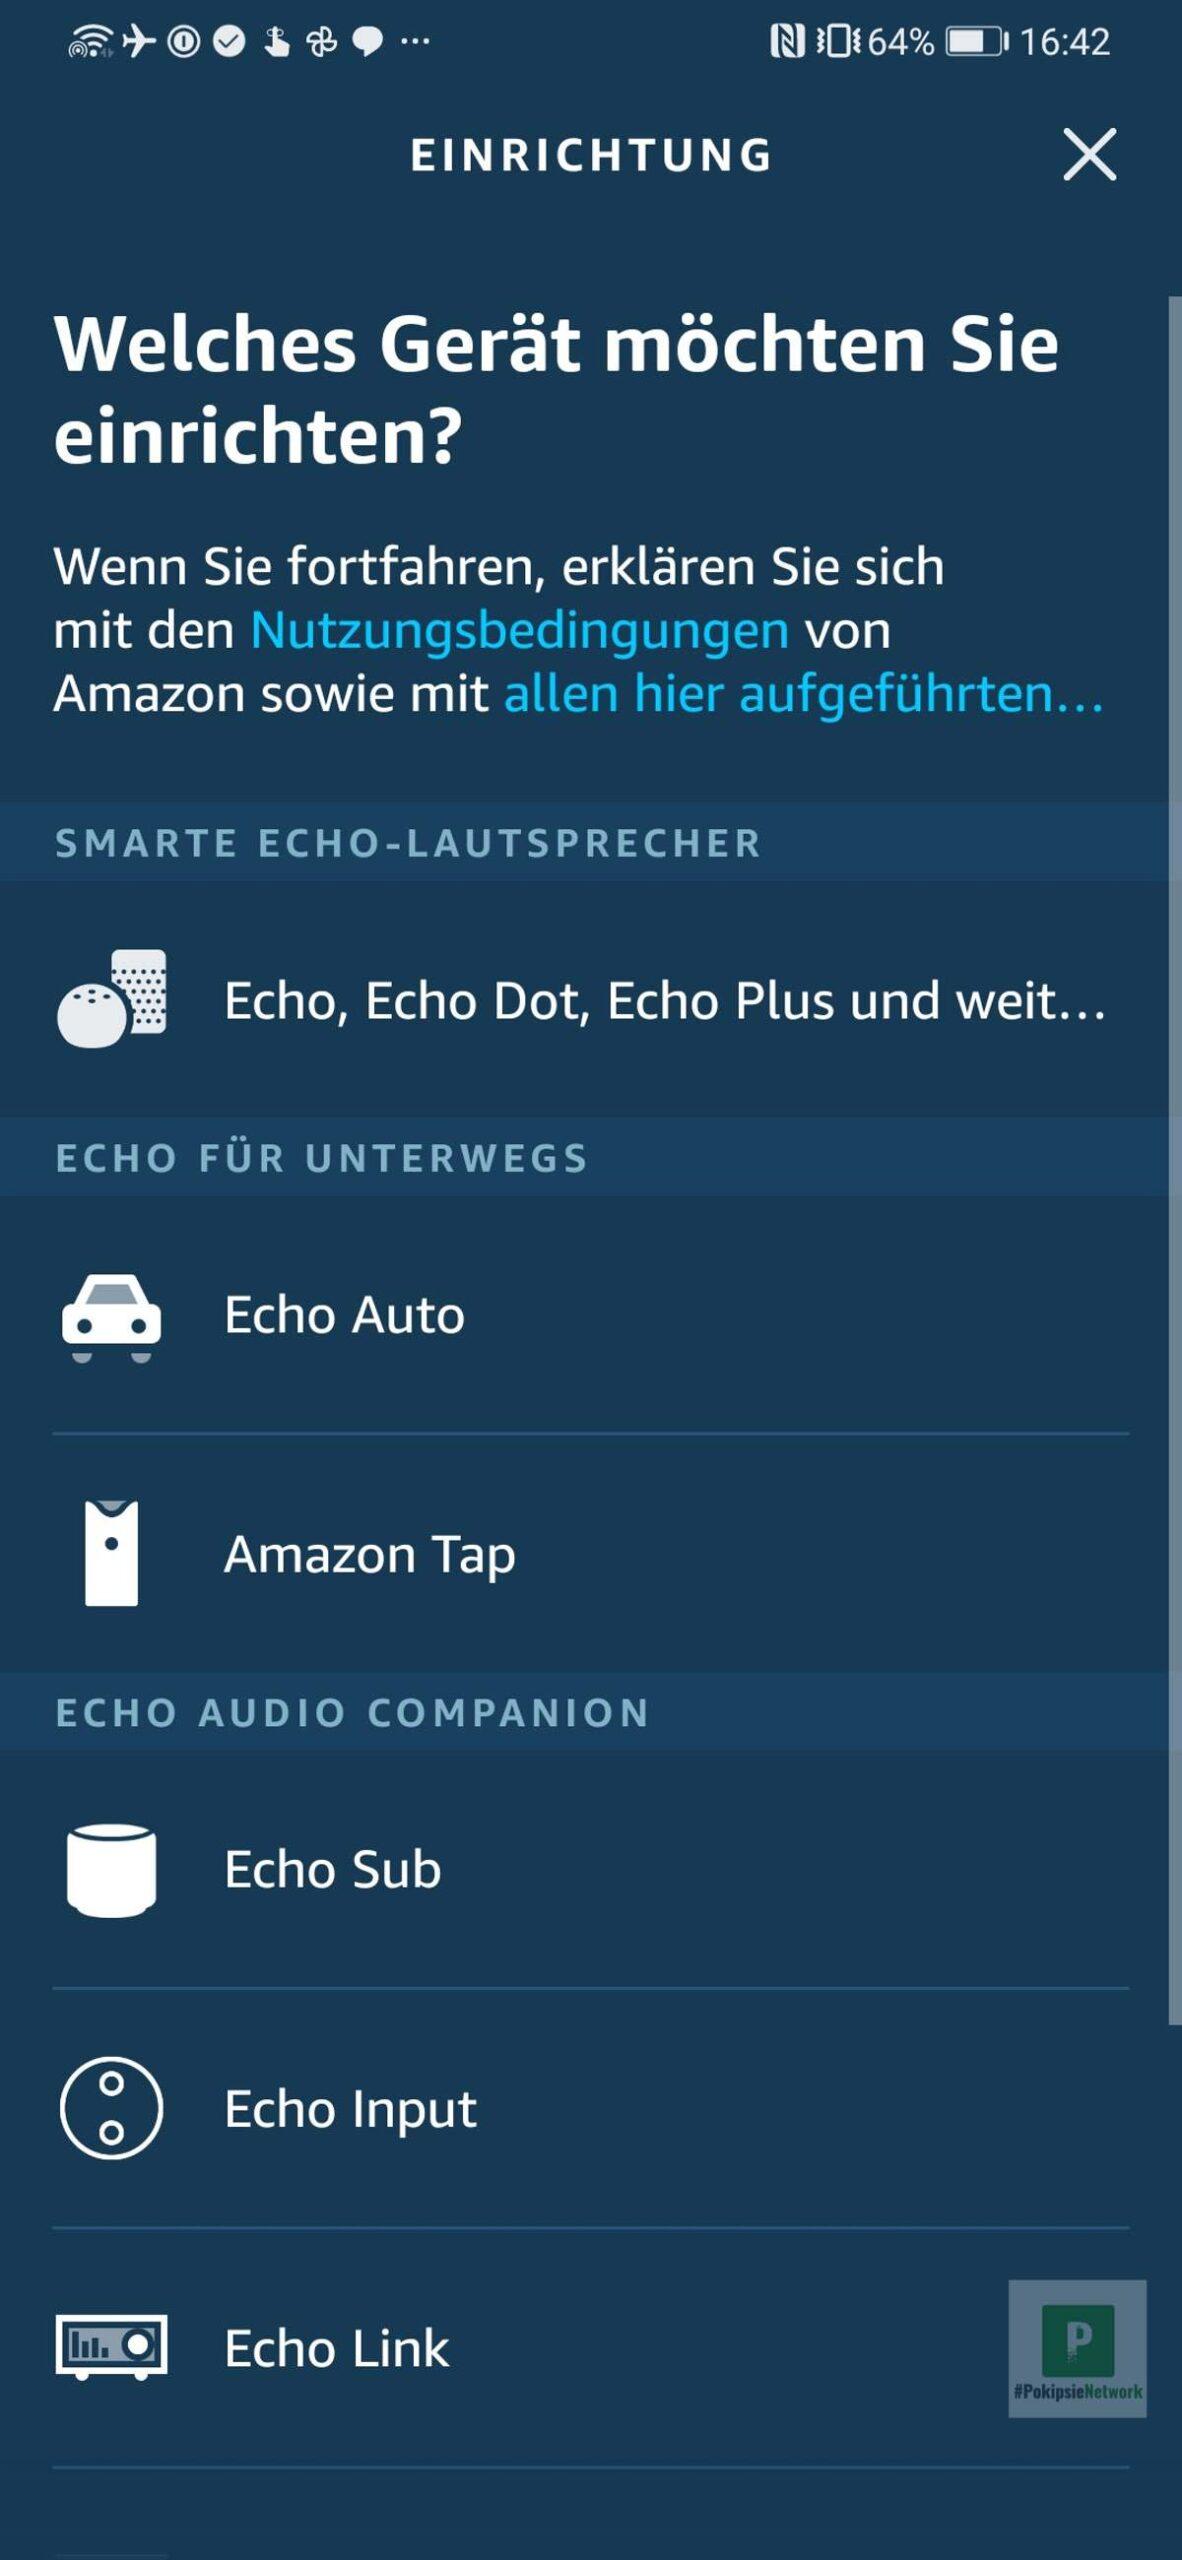 Welcher Echo?